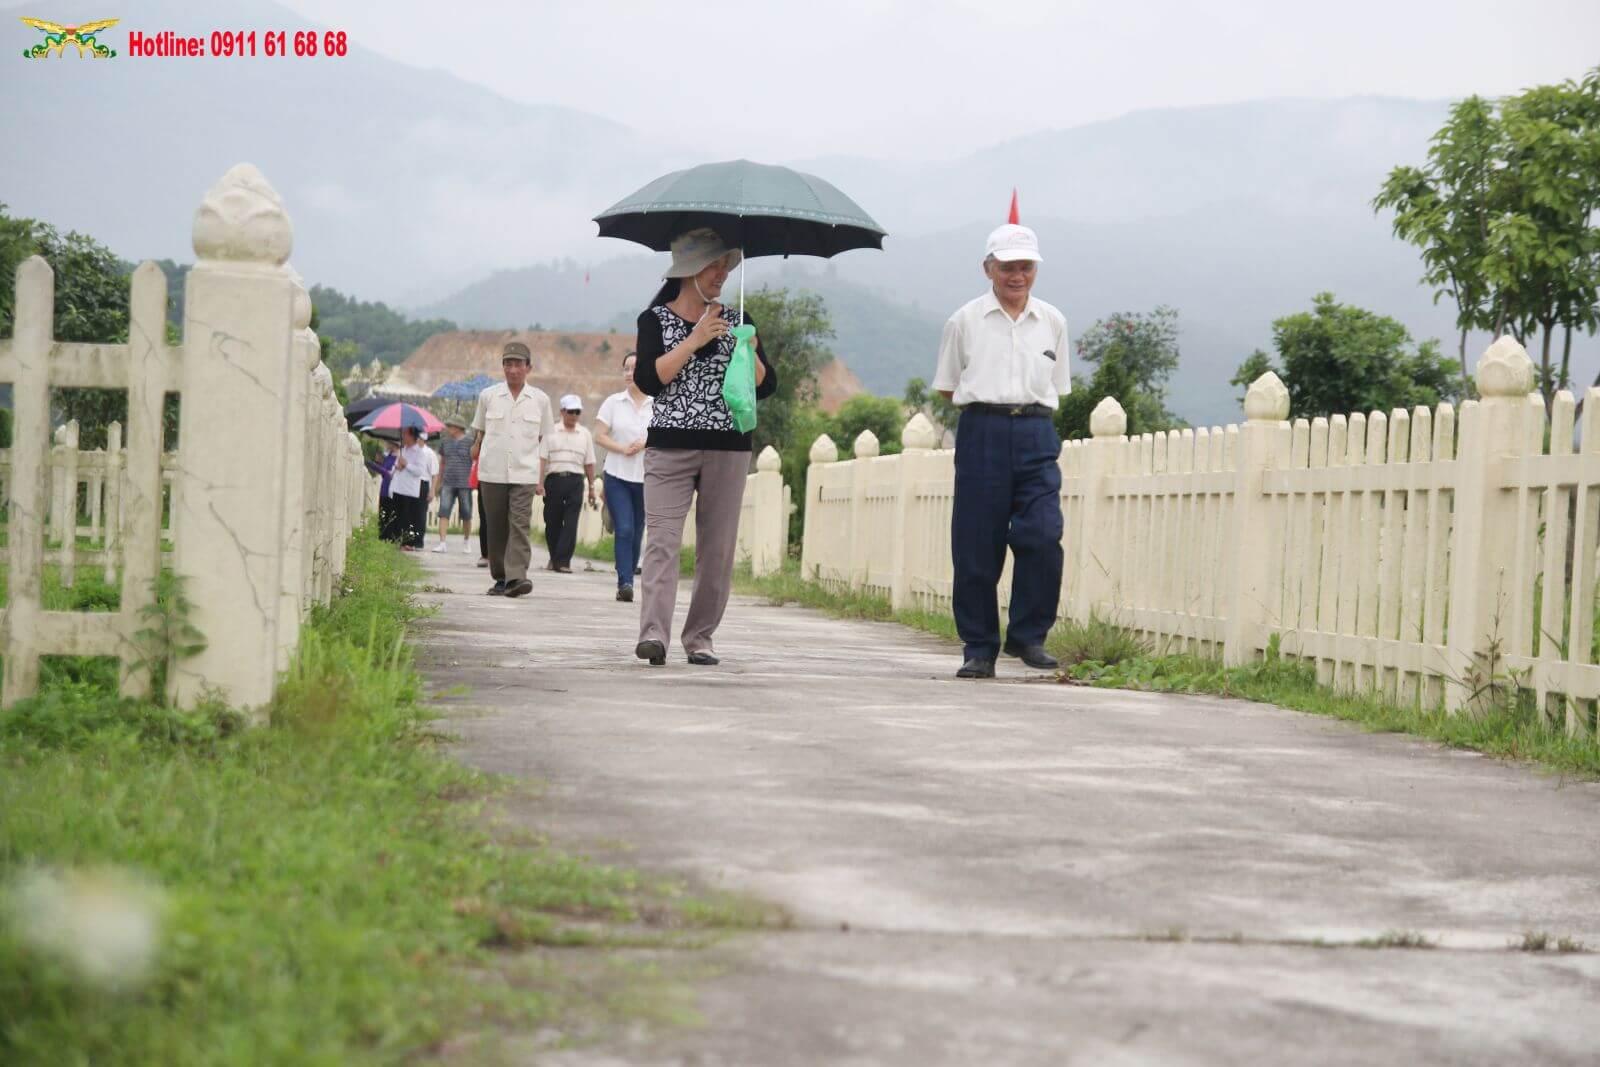 lac hong vien, lạc hồng viên, thăm quan miễn phí 8